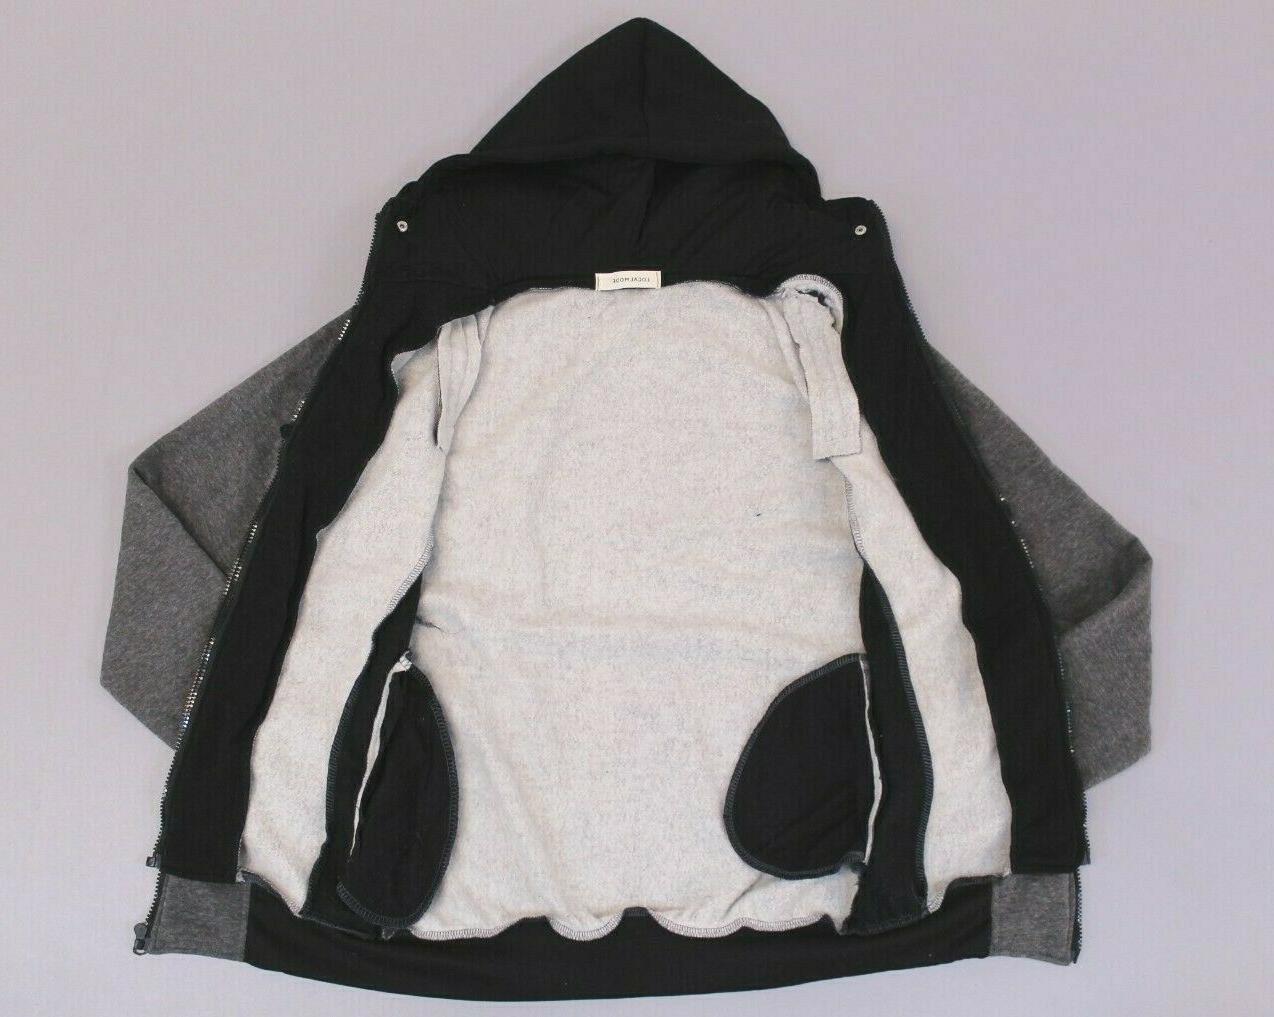 LocalMode Men's Zipper Hoodie Jacket Grey/Black Size XS